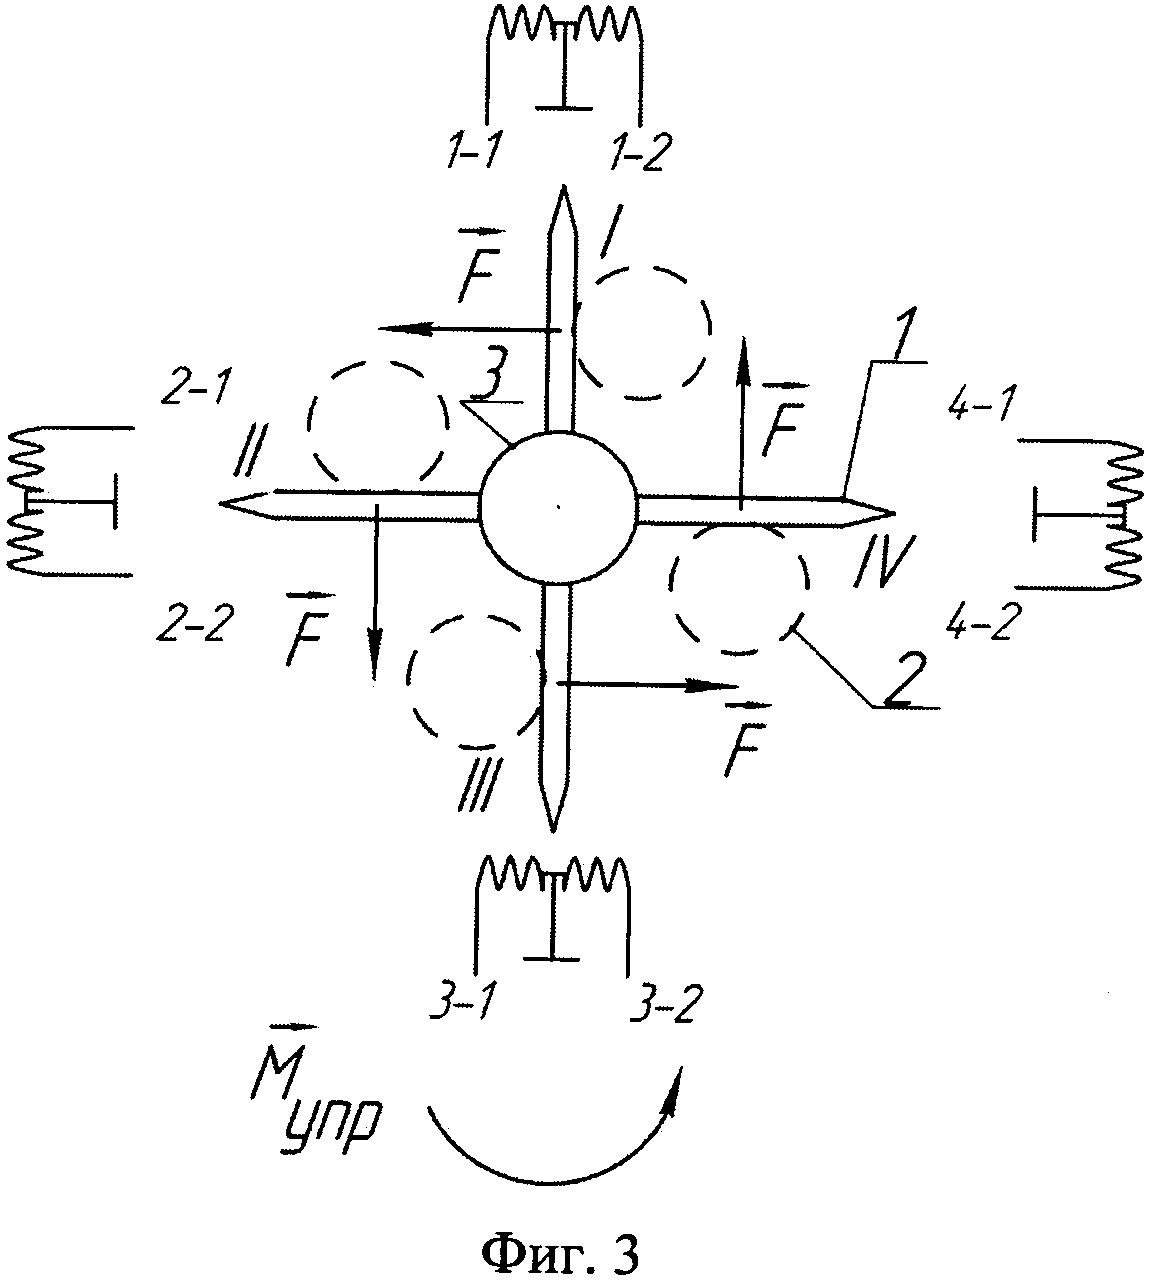 Способ управления аэродинамическими характеристиками гиперзвукового летательного аппарата